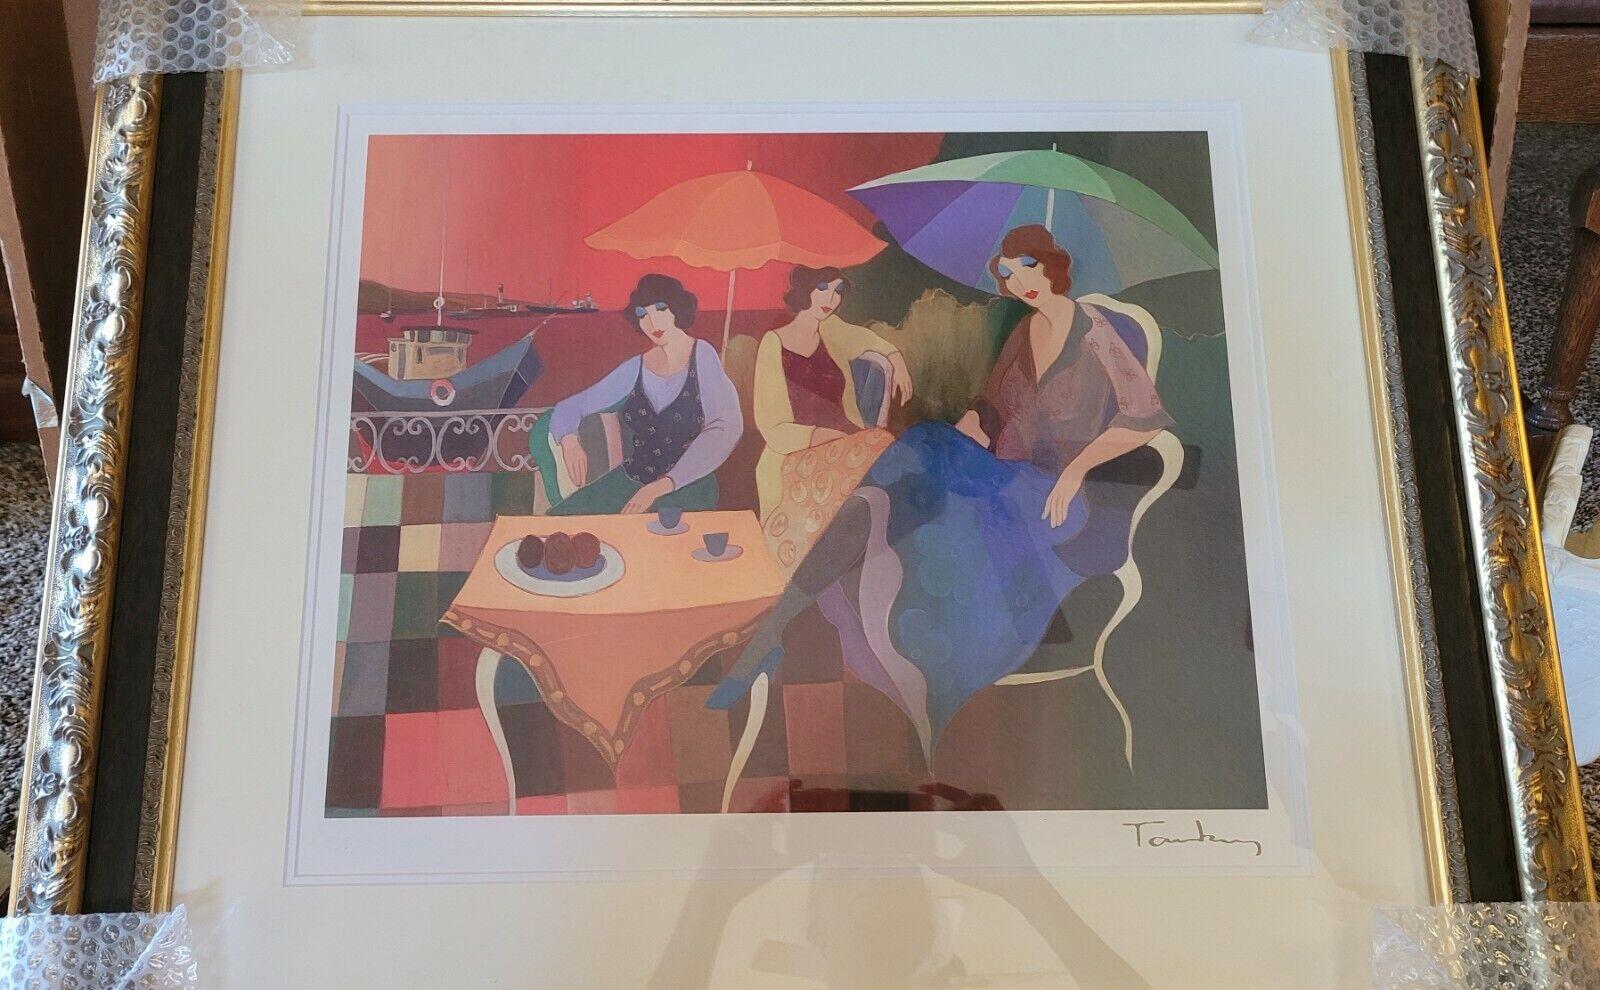 Tarkay Art - Gulf Coast Breeze - $100.00